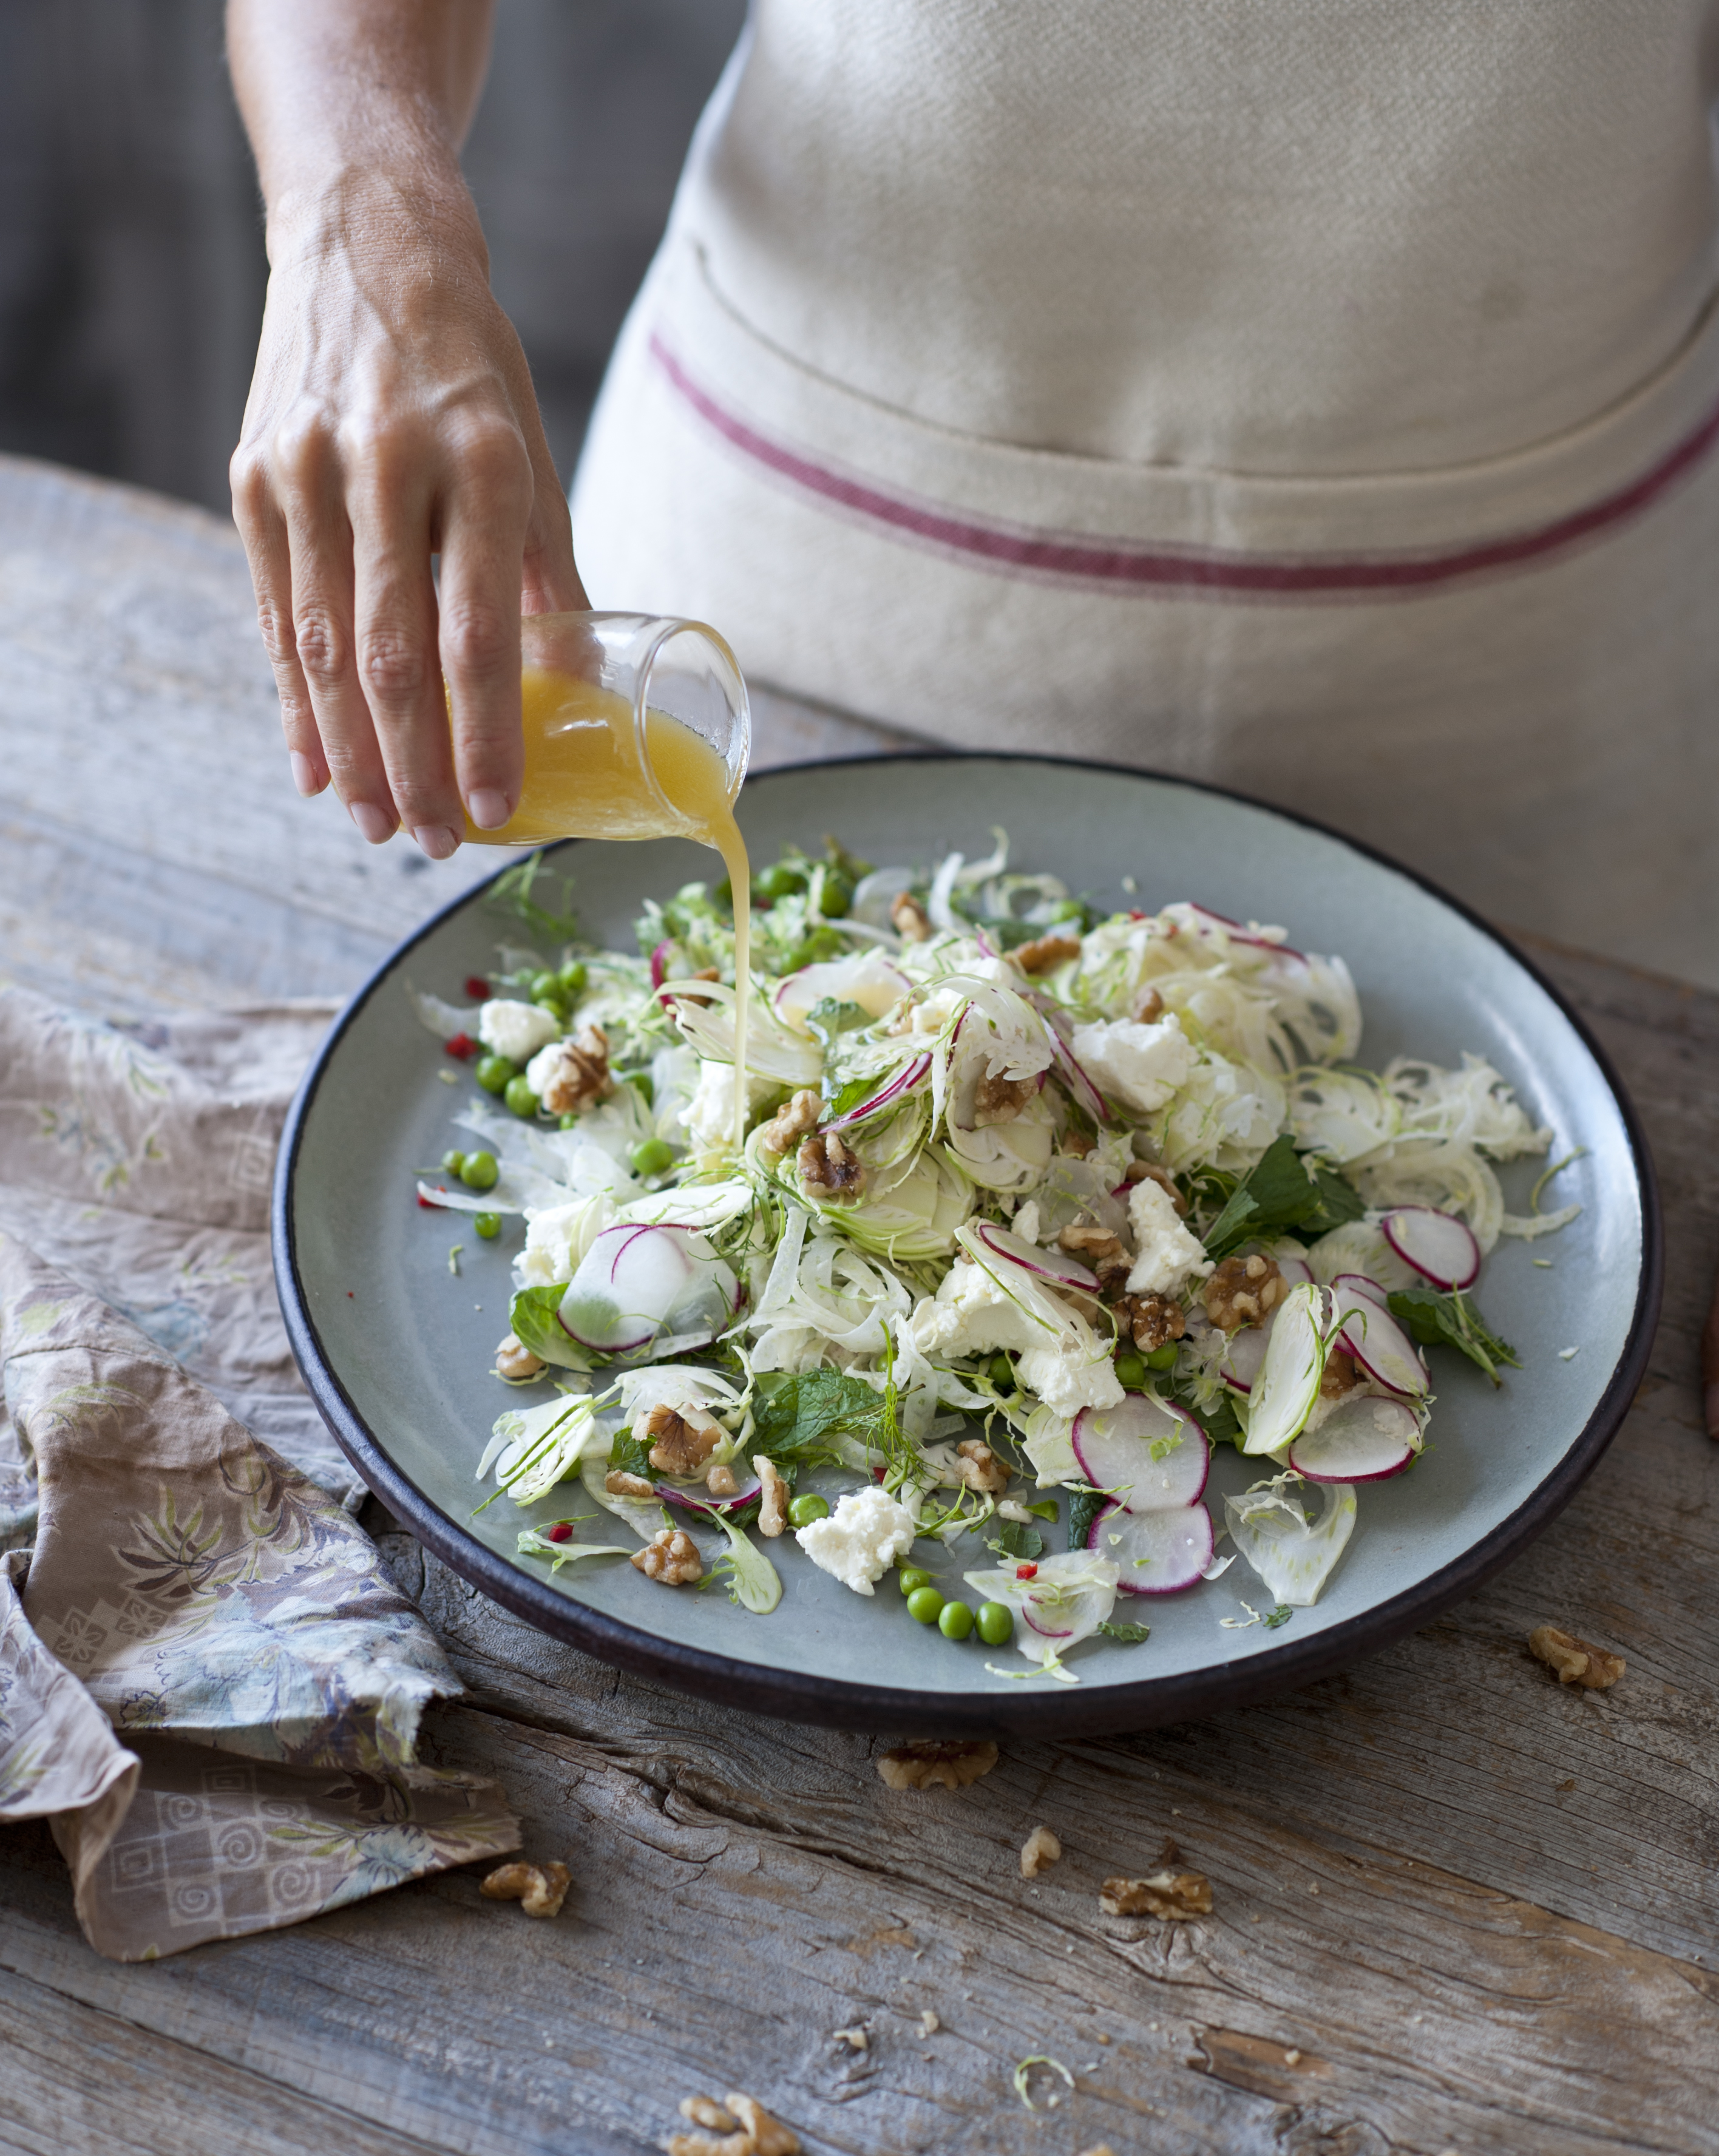 http://www.foodthinkers.com.au/images/easyblog_images/456/MMCCFennelSalad.jpg